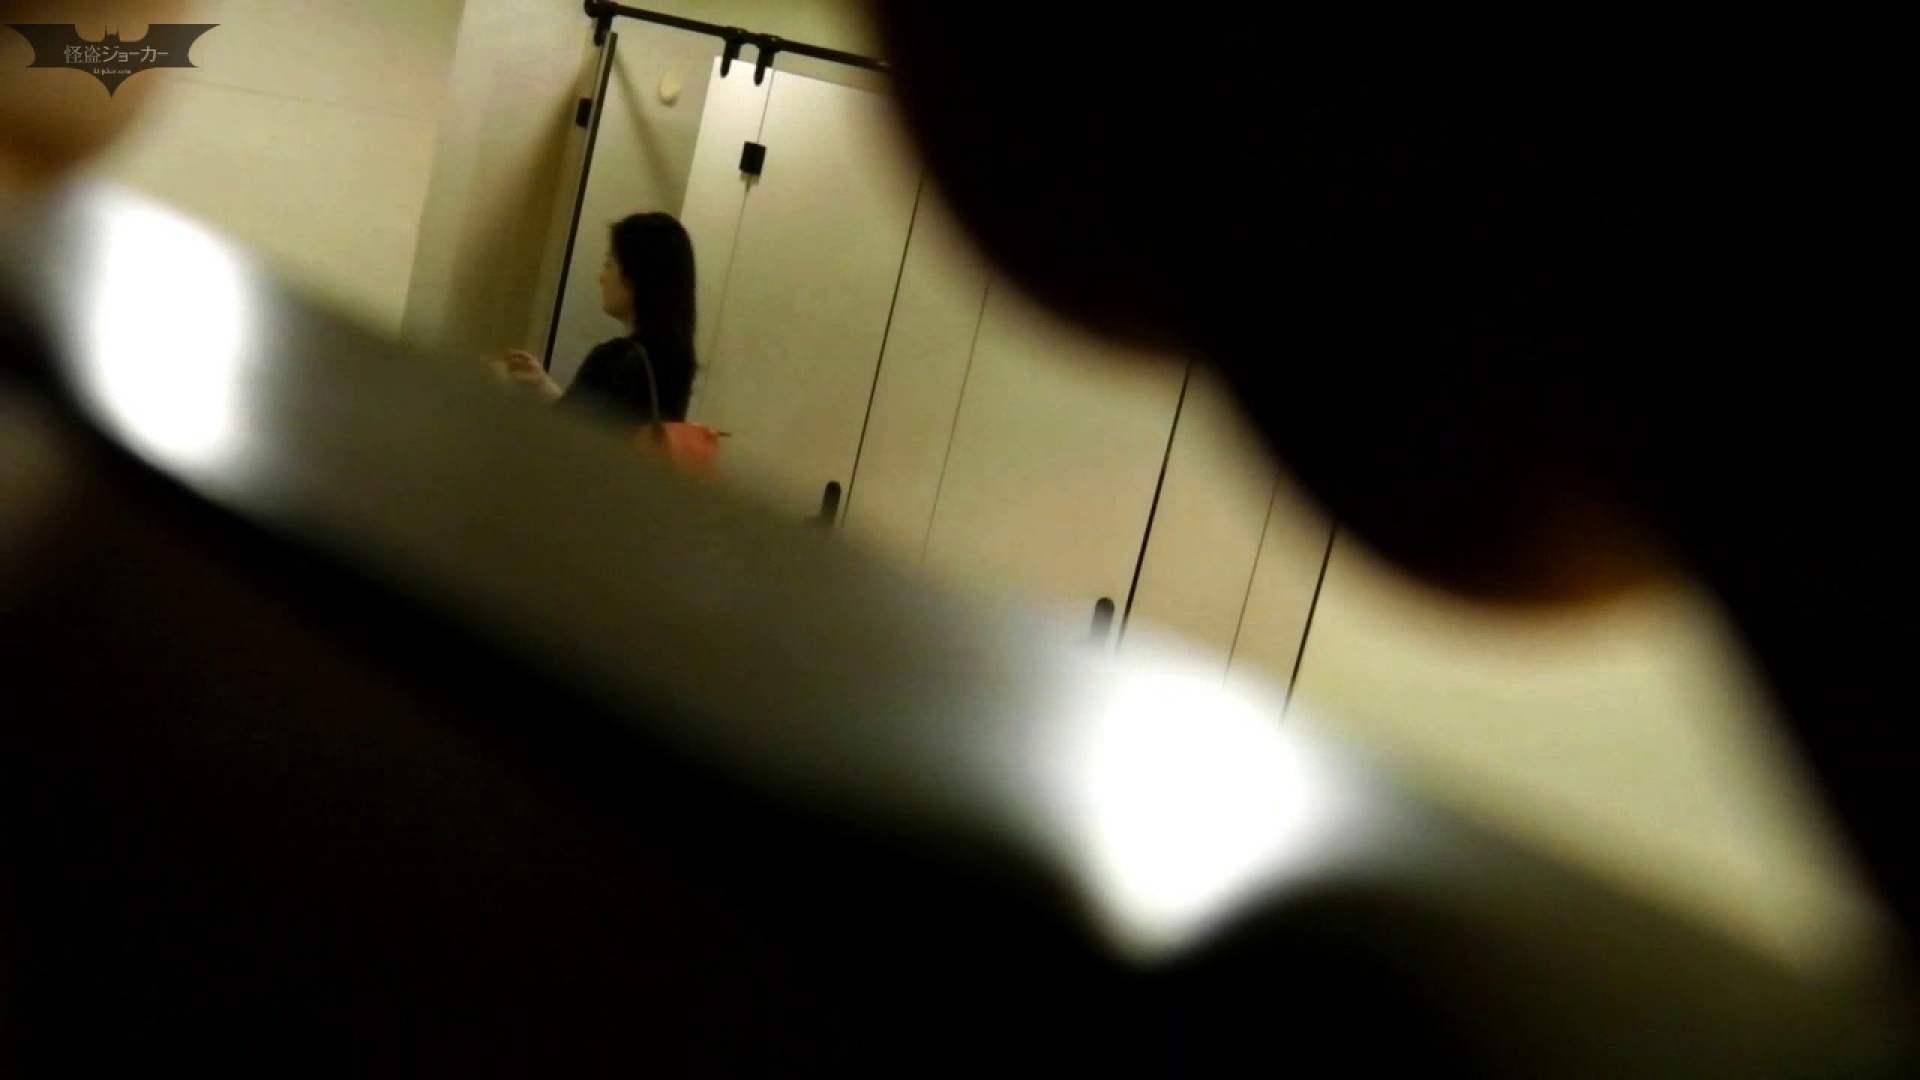 新世界の射窓 No61来ました!「ビジョビジョ」の美女達が・・・ 洗面所のぞき おめこ無修正画像 104枚 29